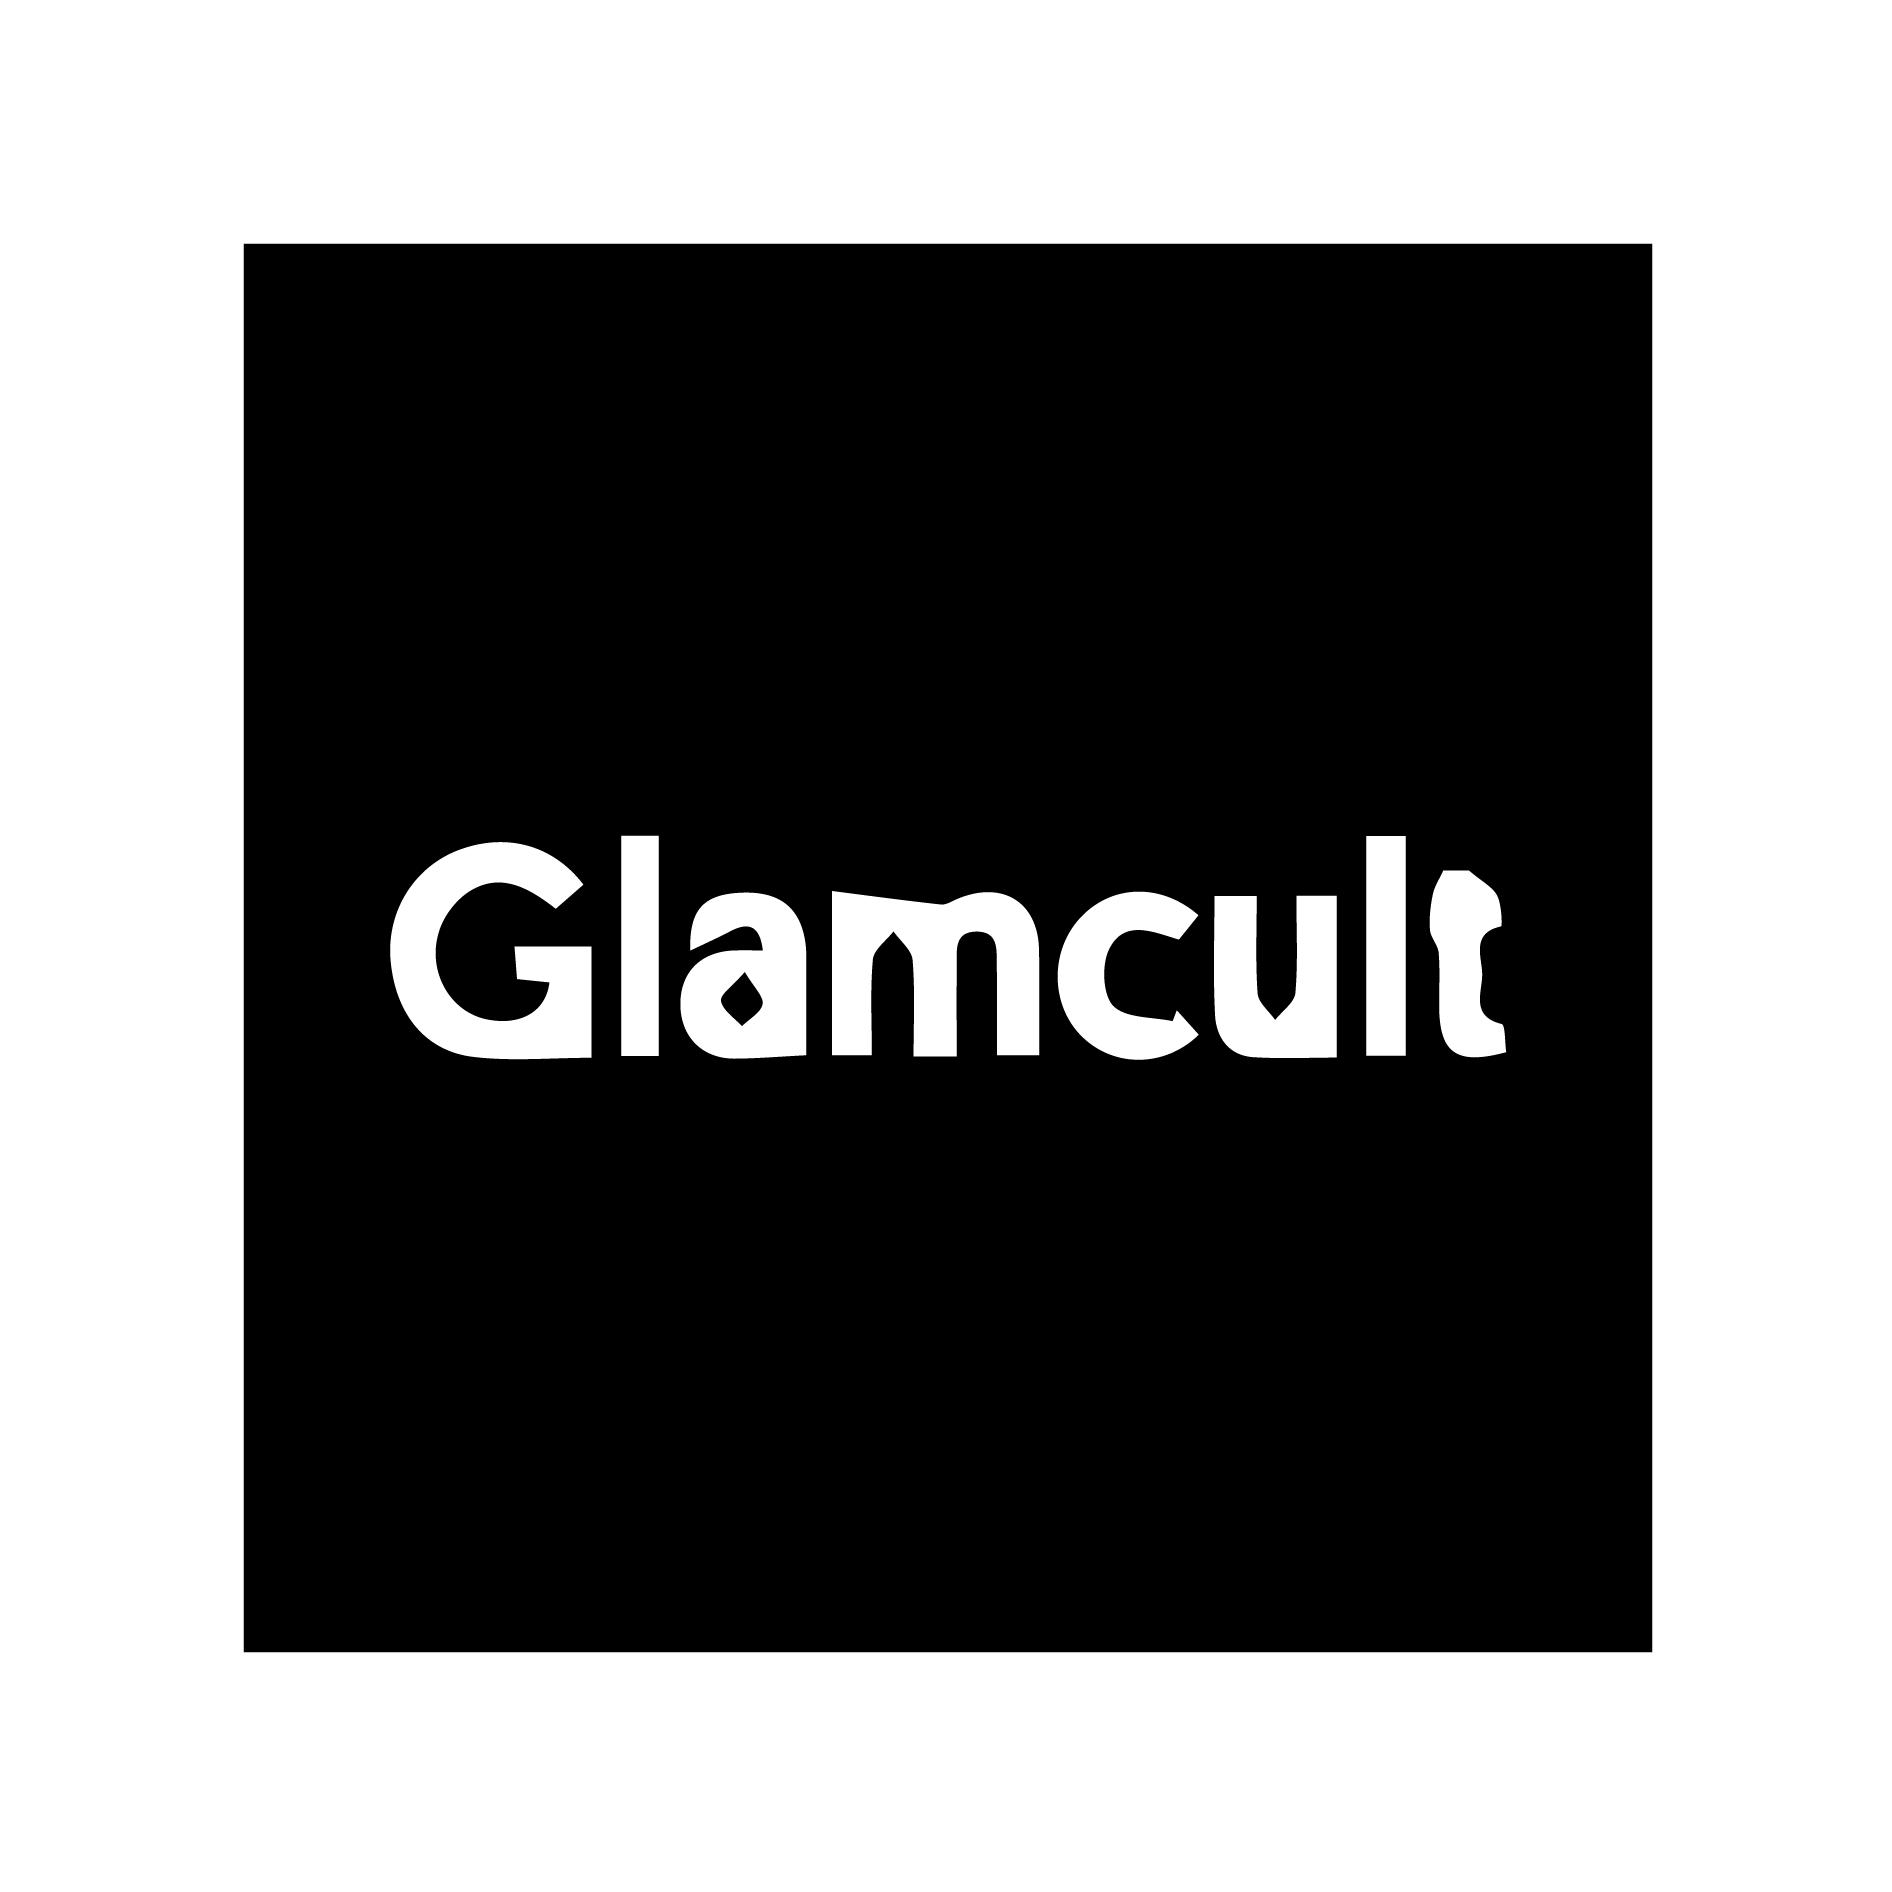 Glamcult Logo